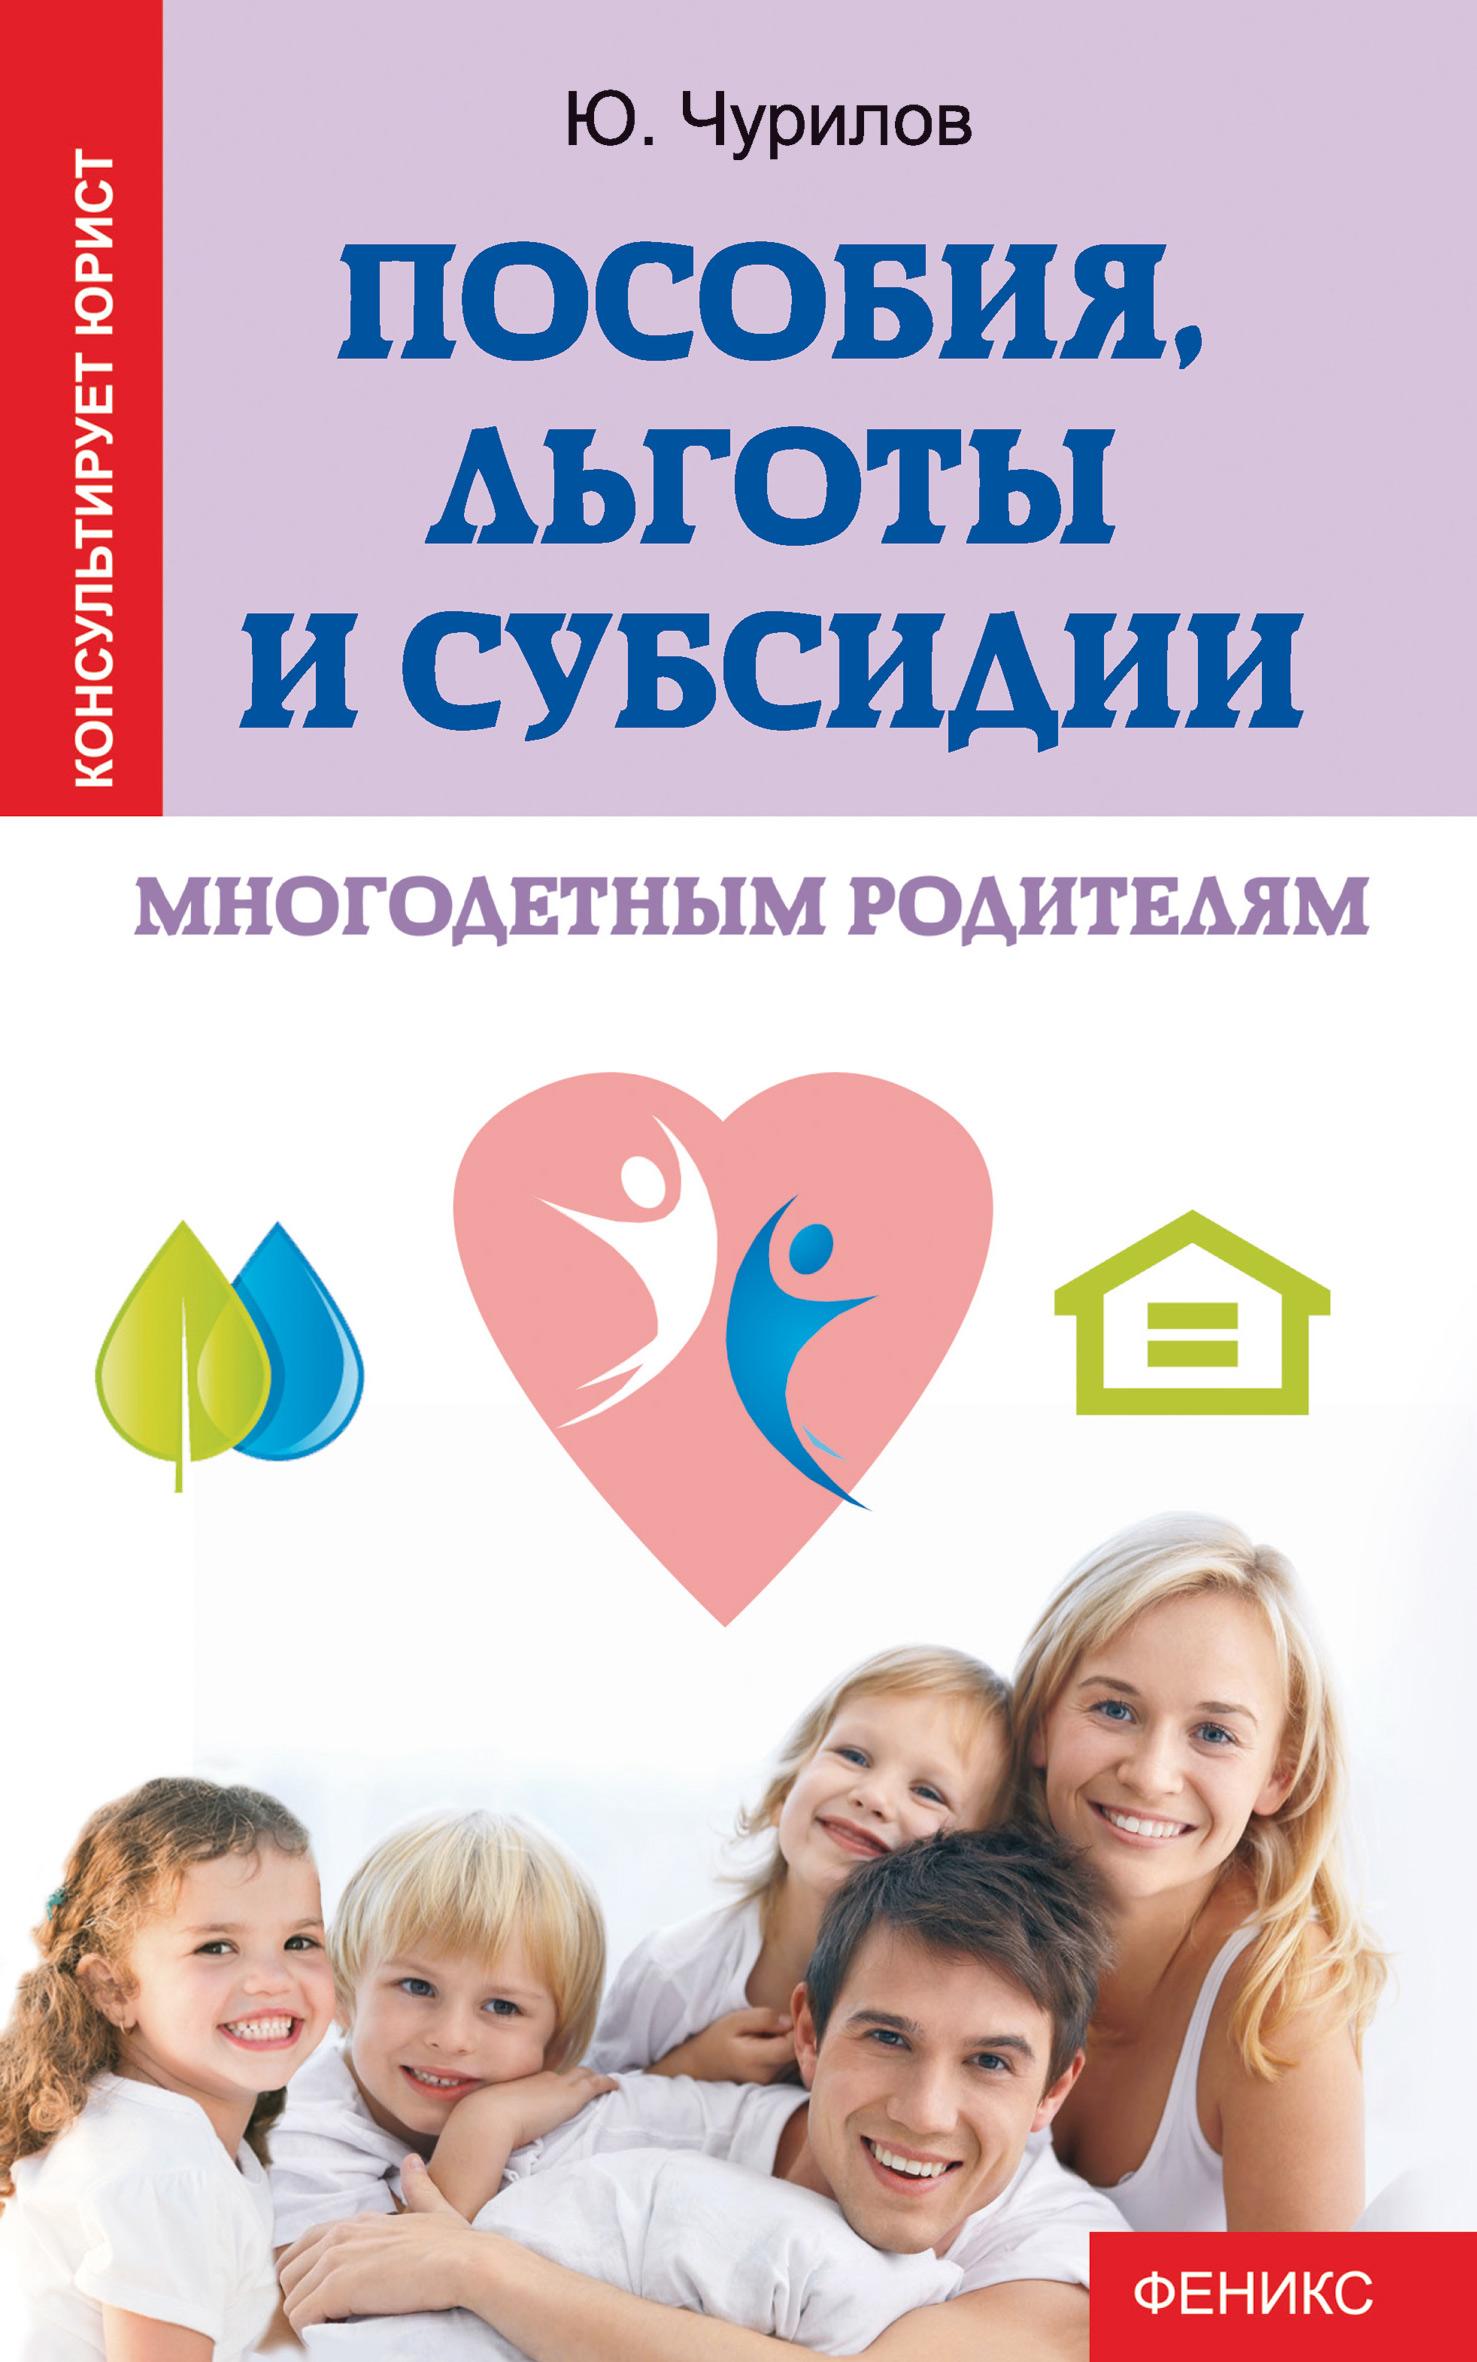 Юрий Чурилов Пособия, льготы и субсидии многодетным родителям юрий чурилов пособия льготы и субсидии многодетным родителям